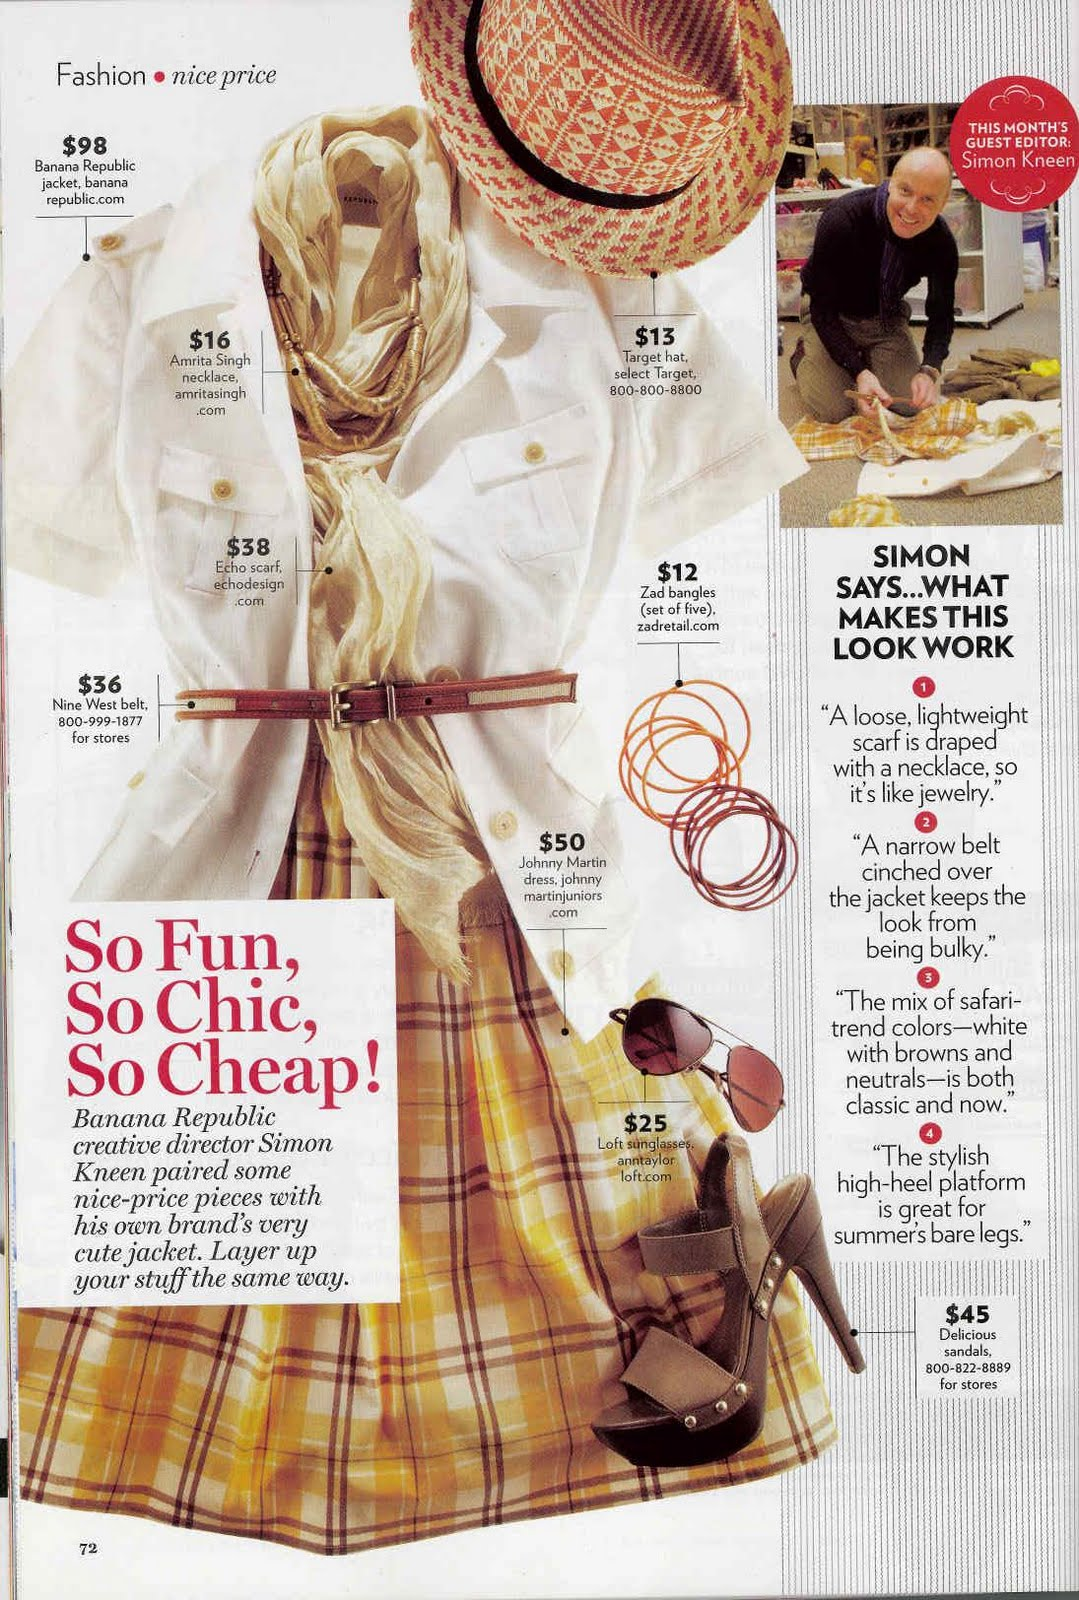 magazine critique example